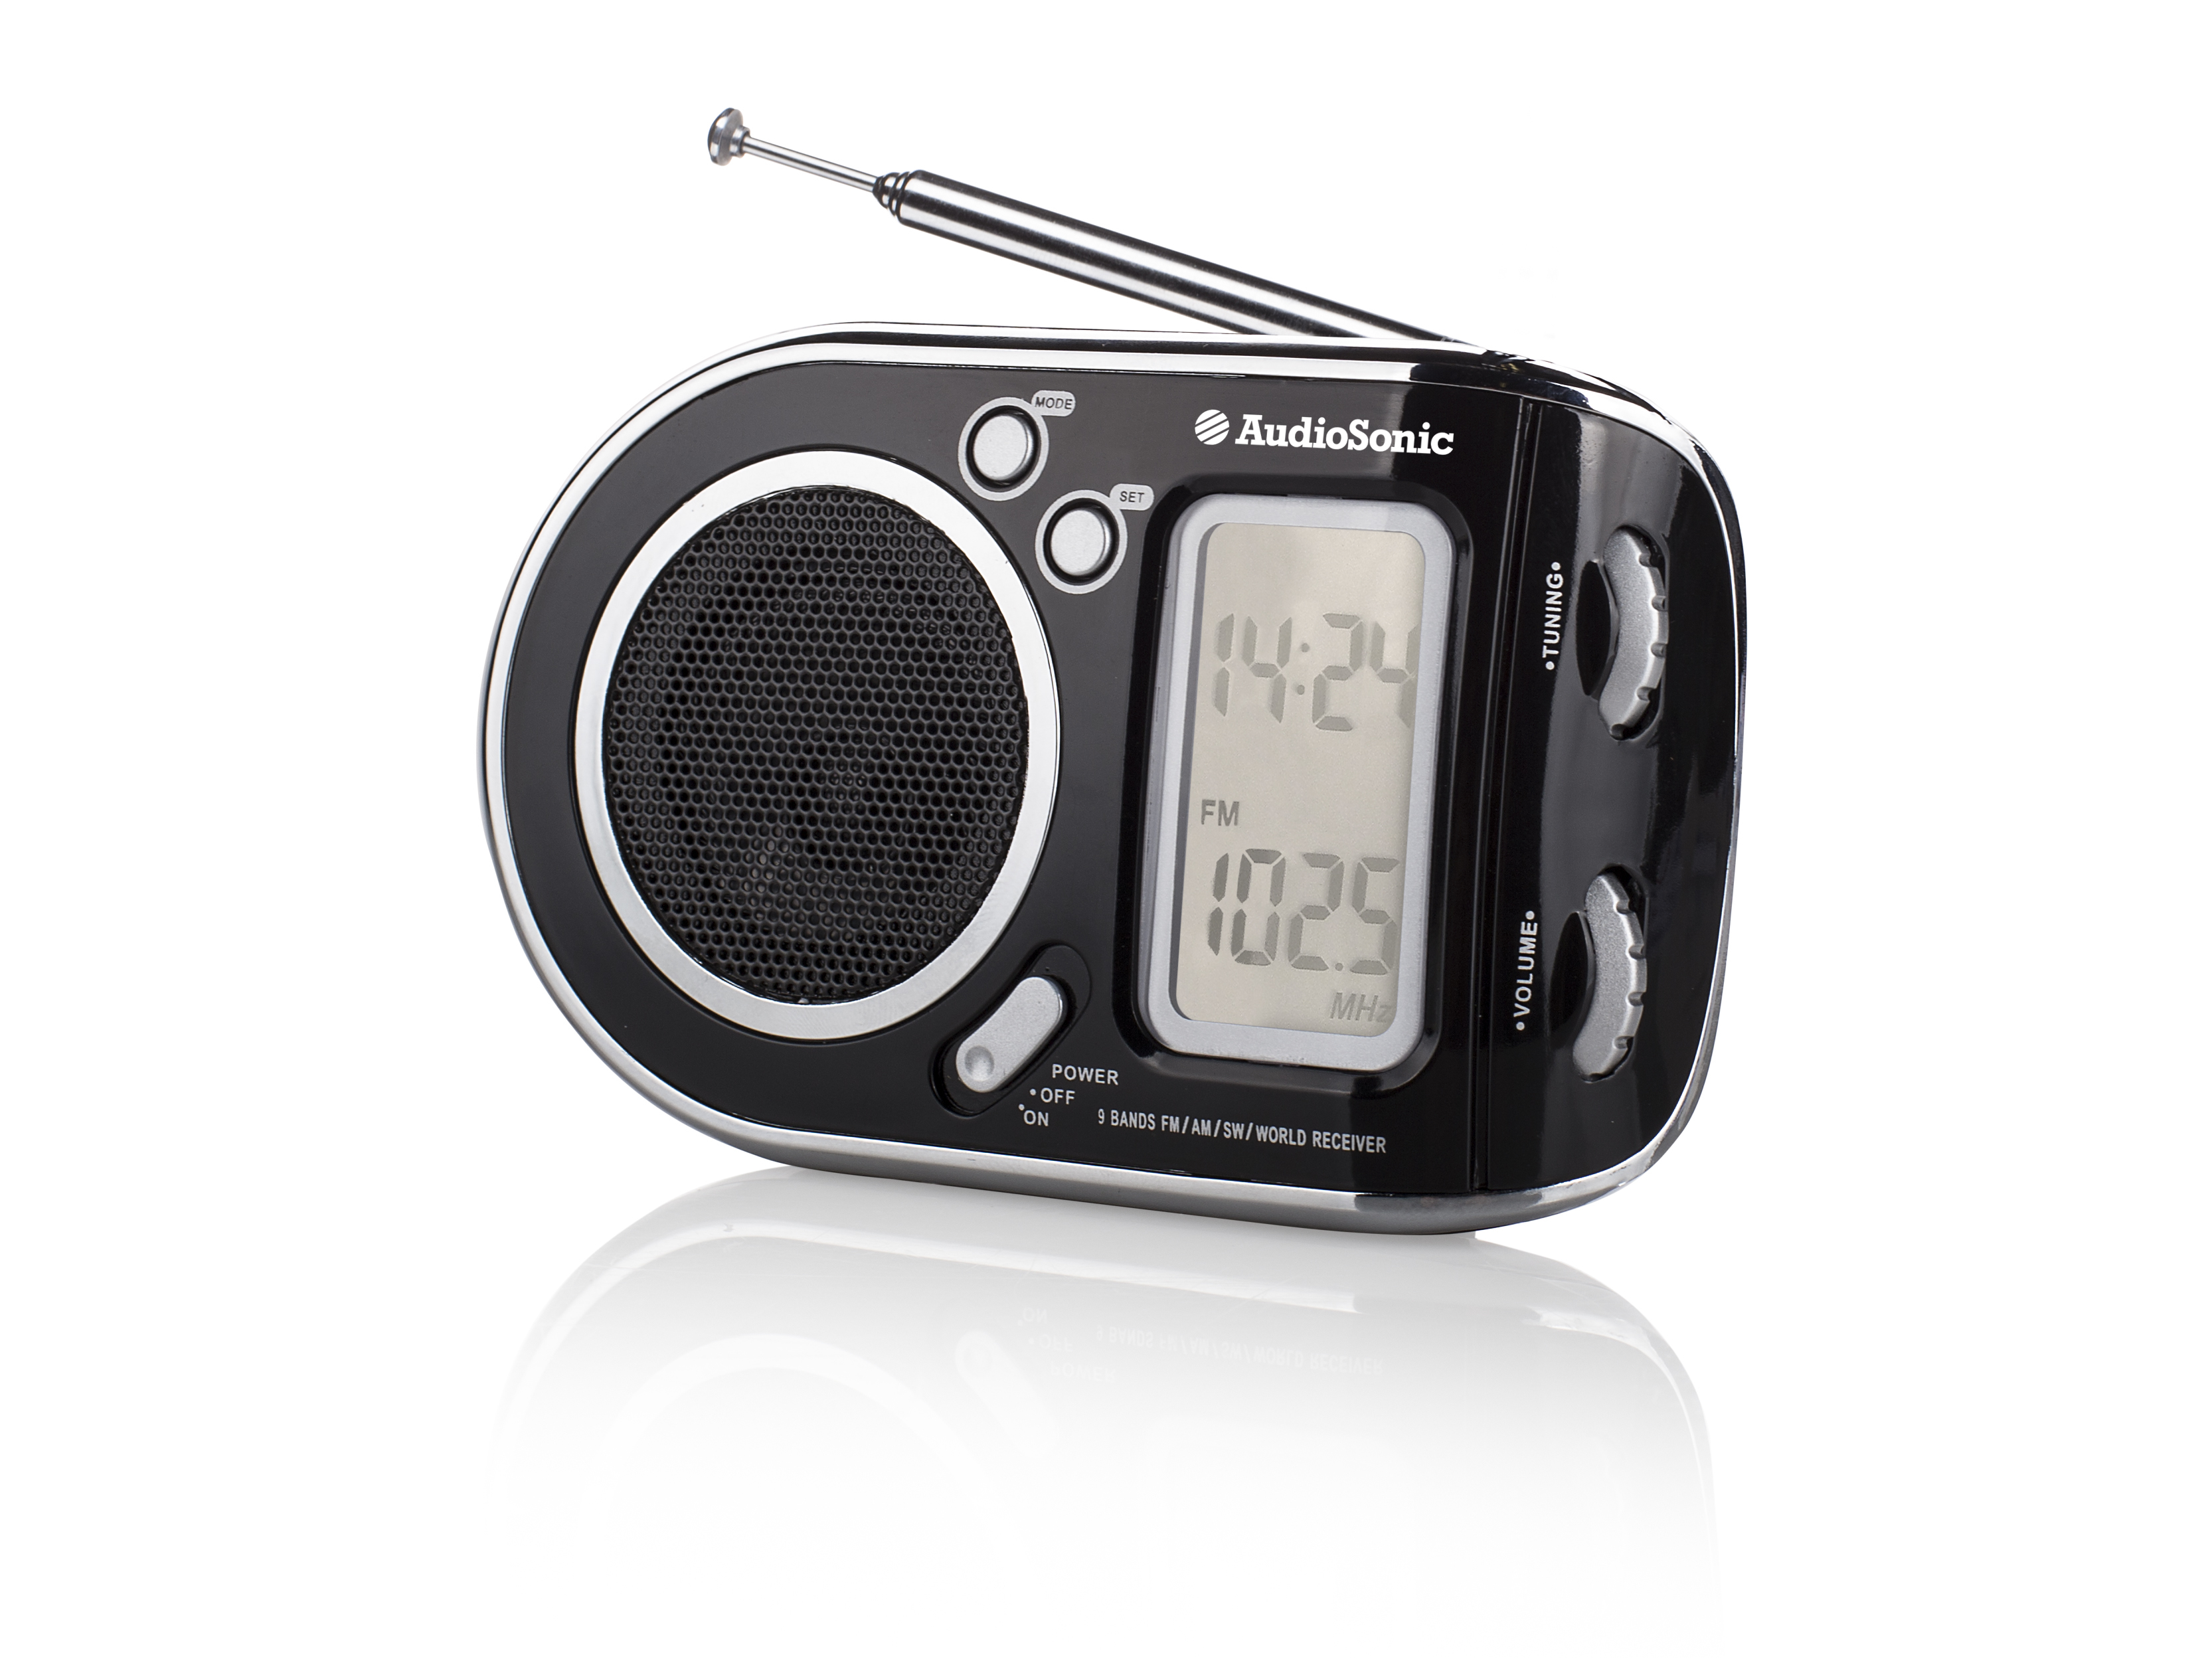 AudioSonic RD-1519 Orologio Analogico Nero radio